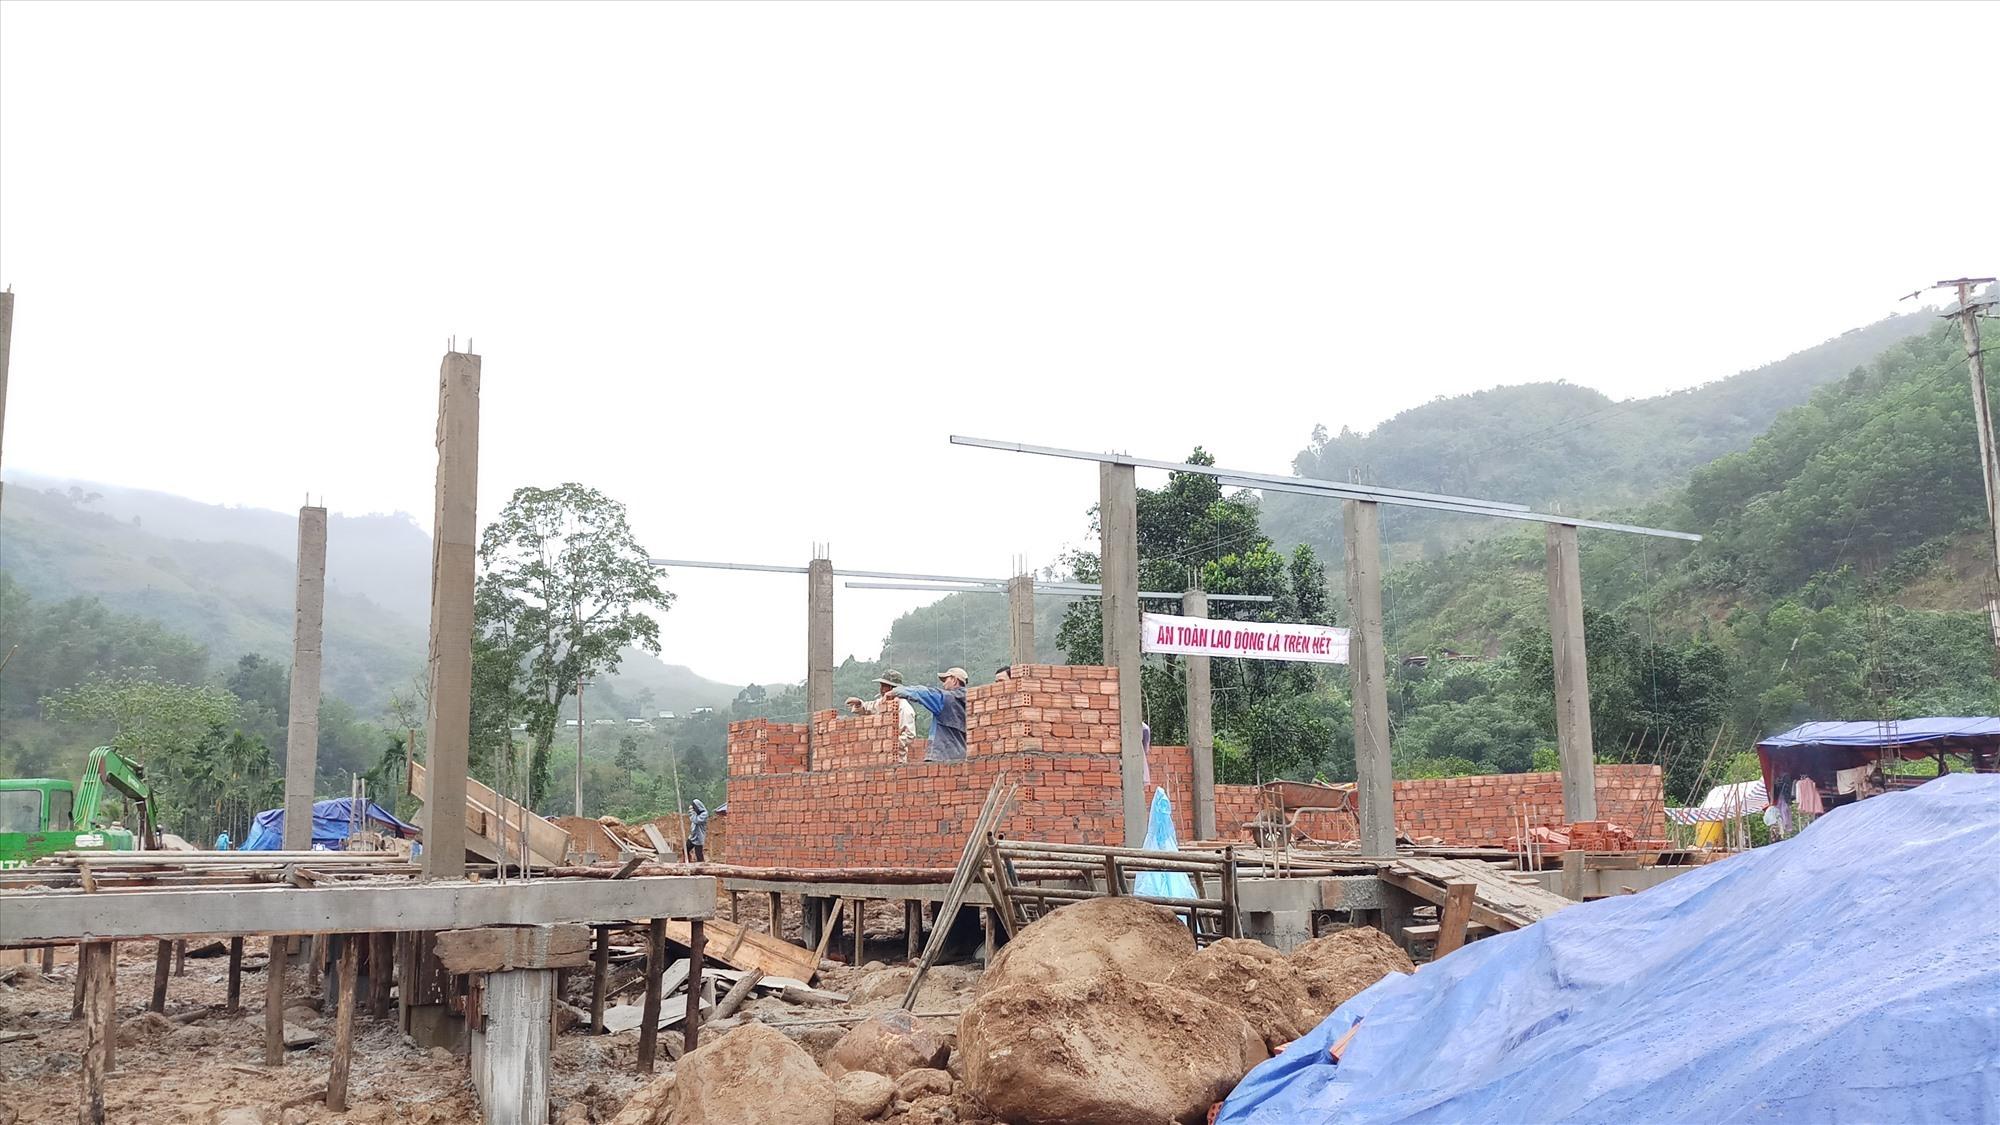 Ngôi nhà đầu tiên ở khu tái định cư Trà Leng đang trong quá trình lên tường. Ảnh: A.N